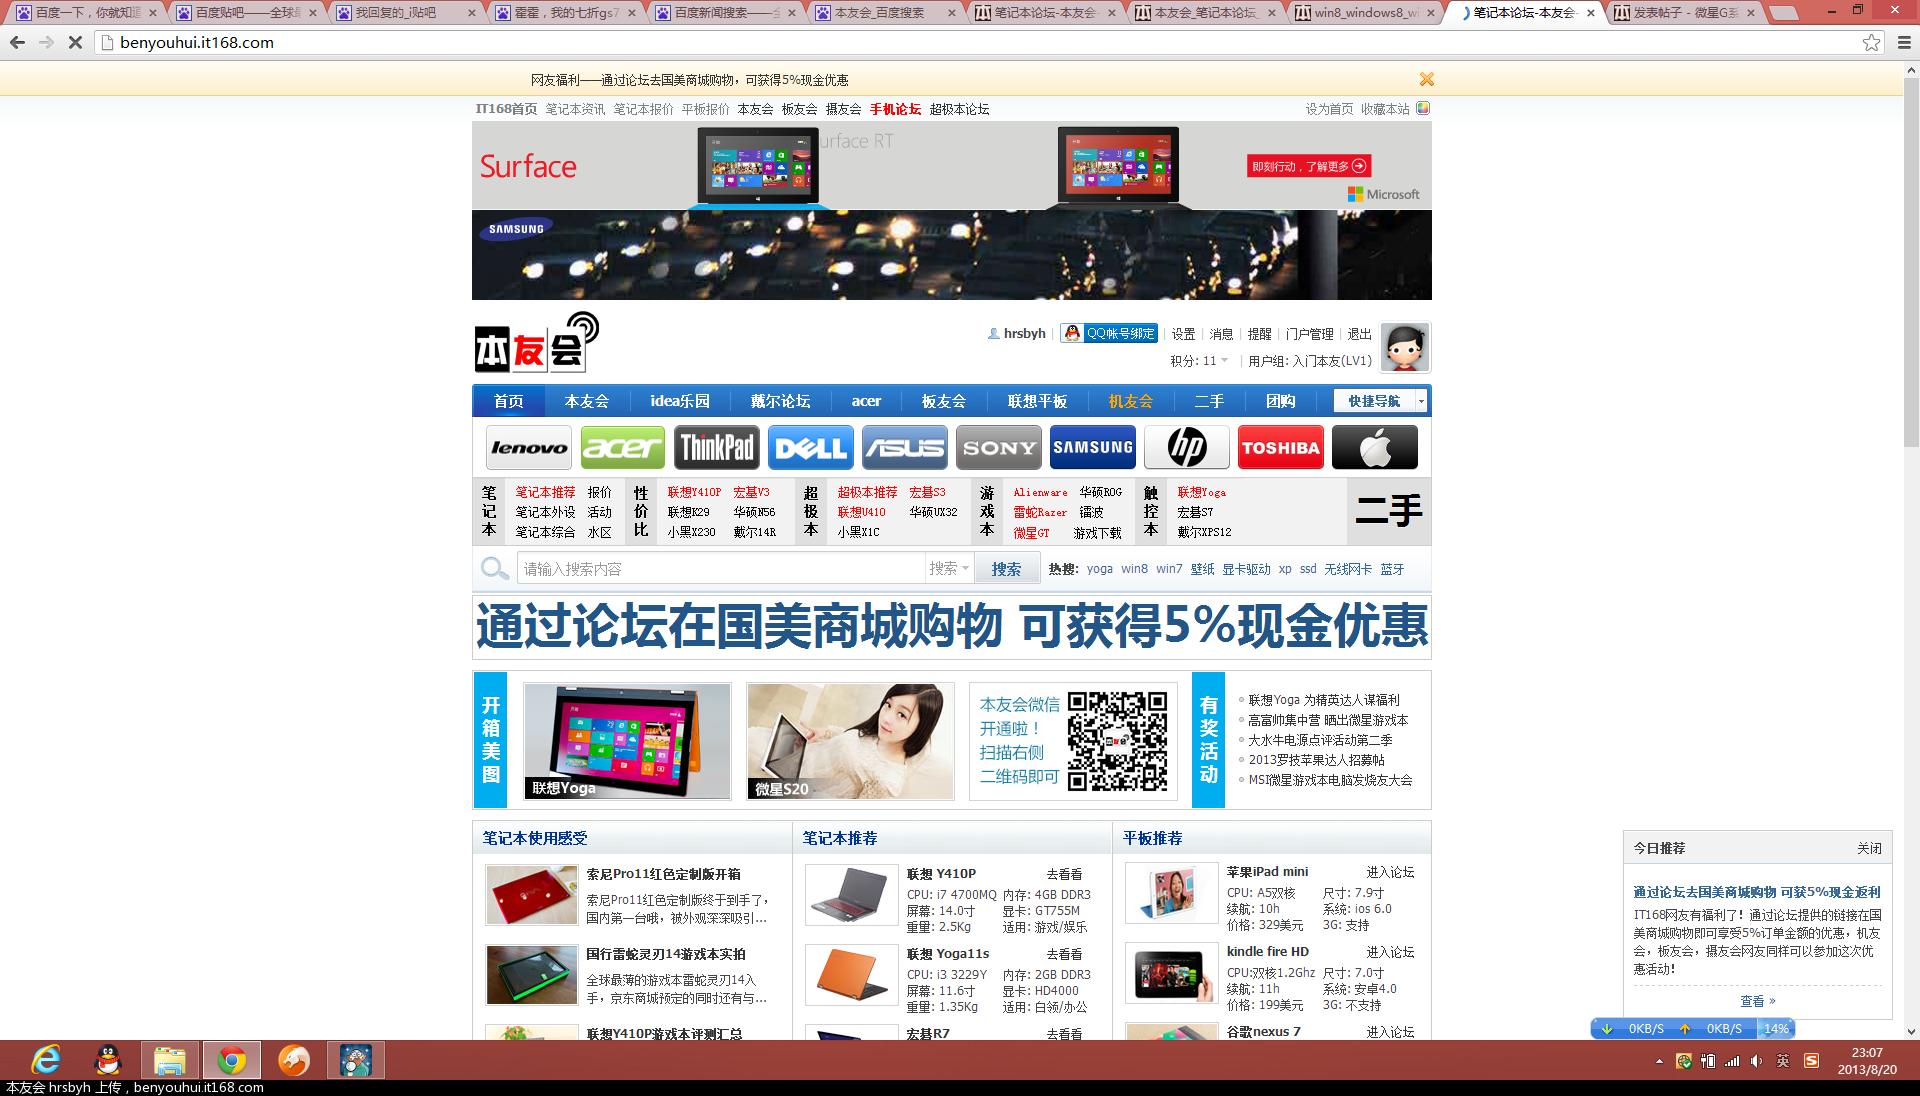 屏幕截图(20).png